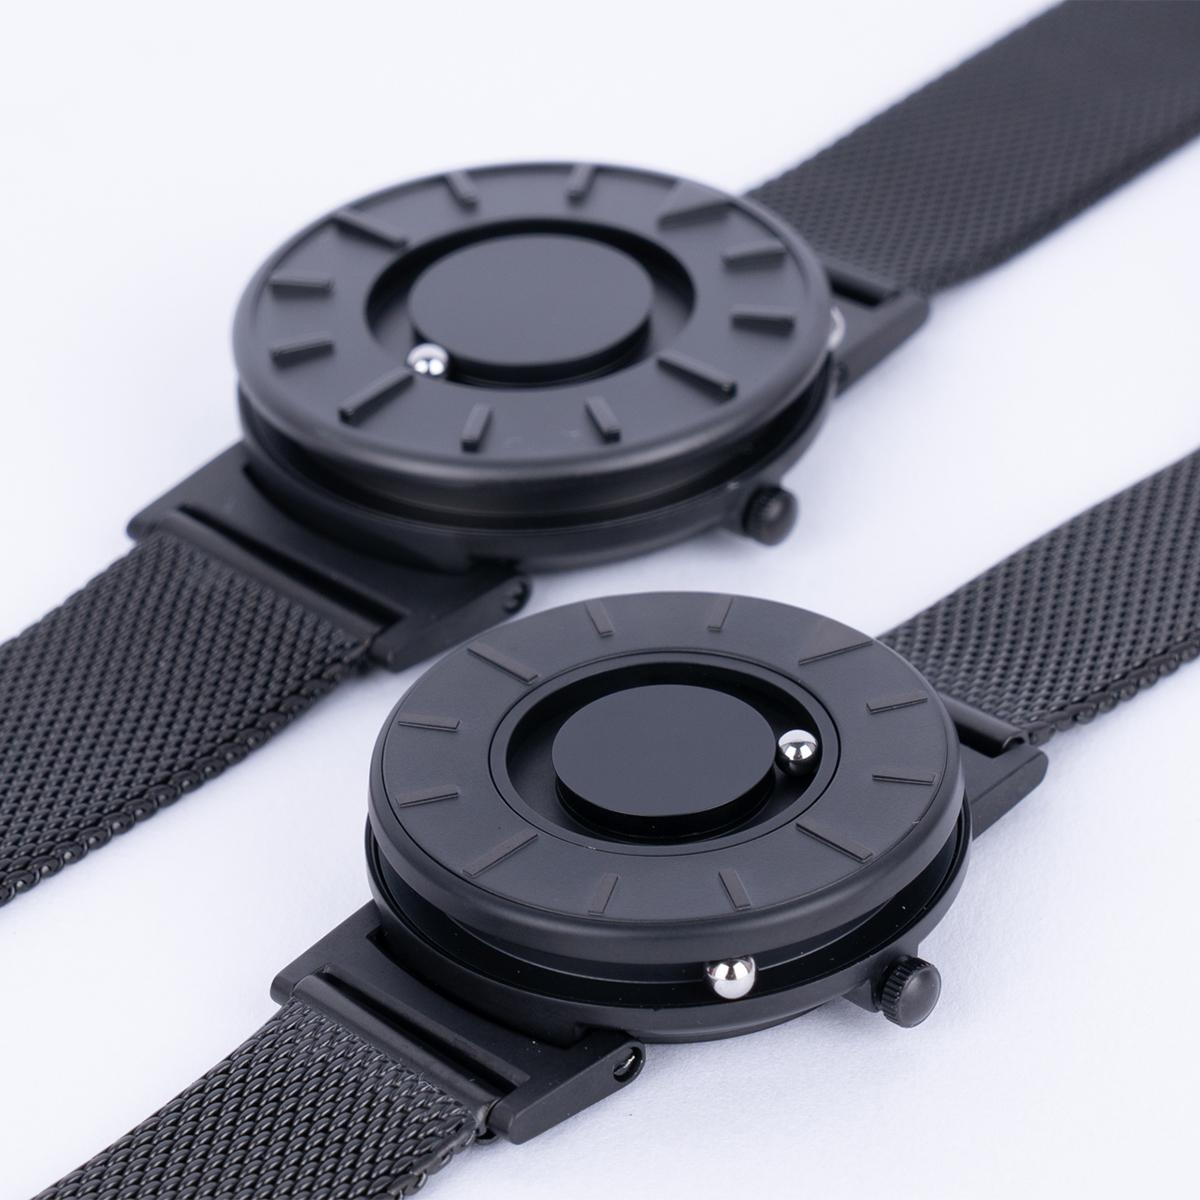 磁力によって、小さなボールが静かに時を刻みます。腕元におさまるコンパクトな文字盤、軽やかな装着感のメッシュバンド。触って時間を知る「腕時計」| EONE